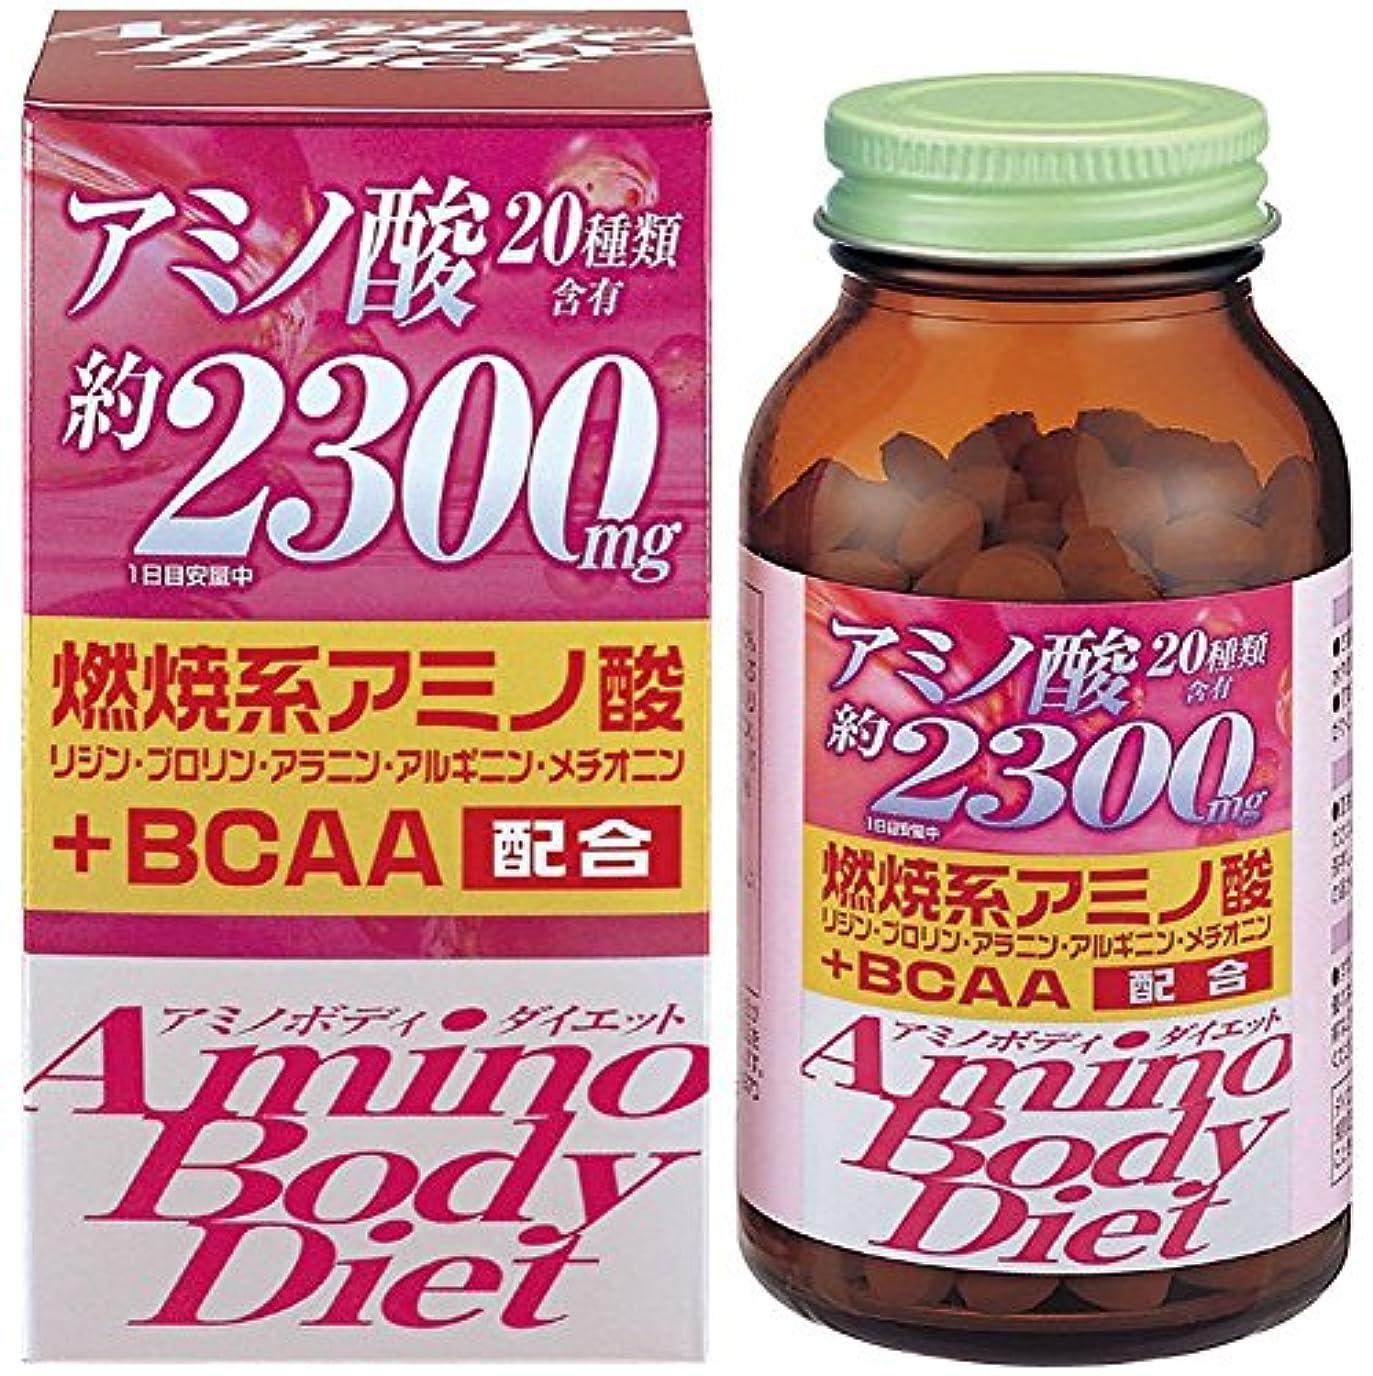 渇き少ない原子炉オリヒロ アミノボディダイエット粒【3本セット】